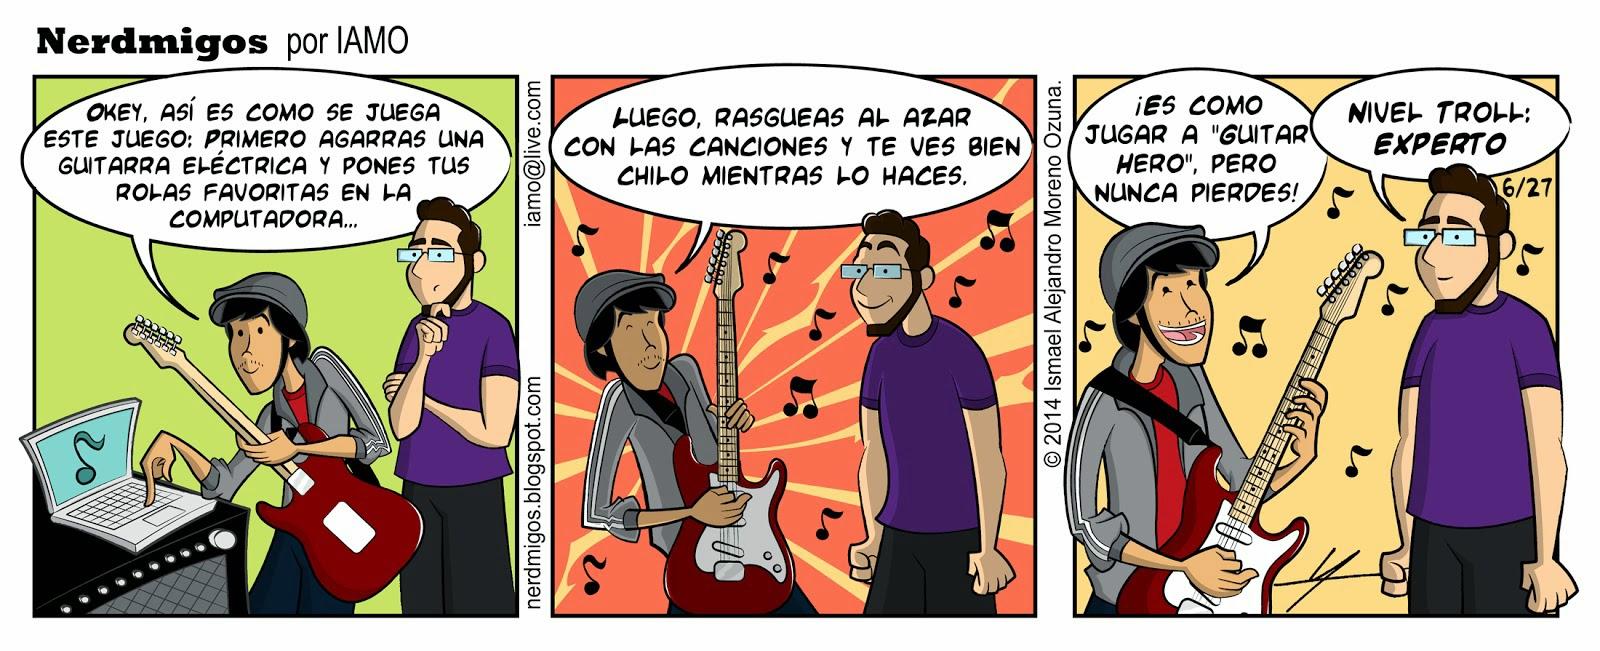 Nerdmigos Unplugged Juego de Música por IAMO